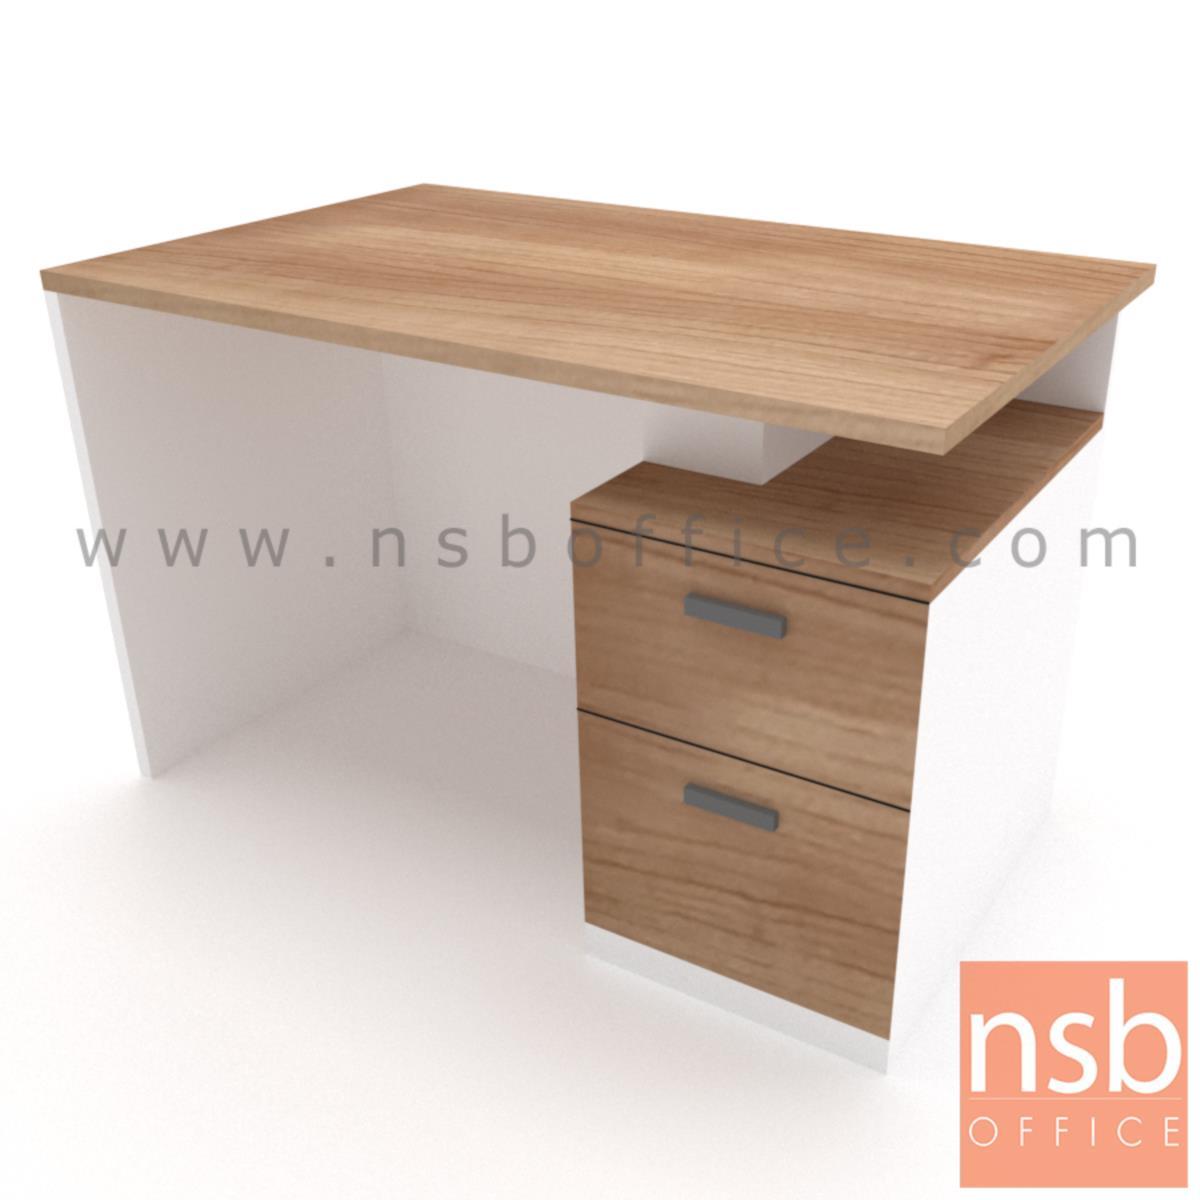 โต๊ะทำงาน 2 ลิ้นชัก  รุ่น Plumcot (พลัมคอต) ขนาด 150W cm. พร้อมบังตาไม้ปิดเต็มแผ่น เมลามีน